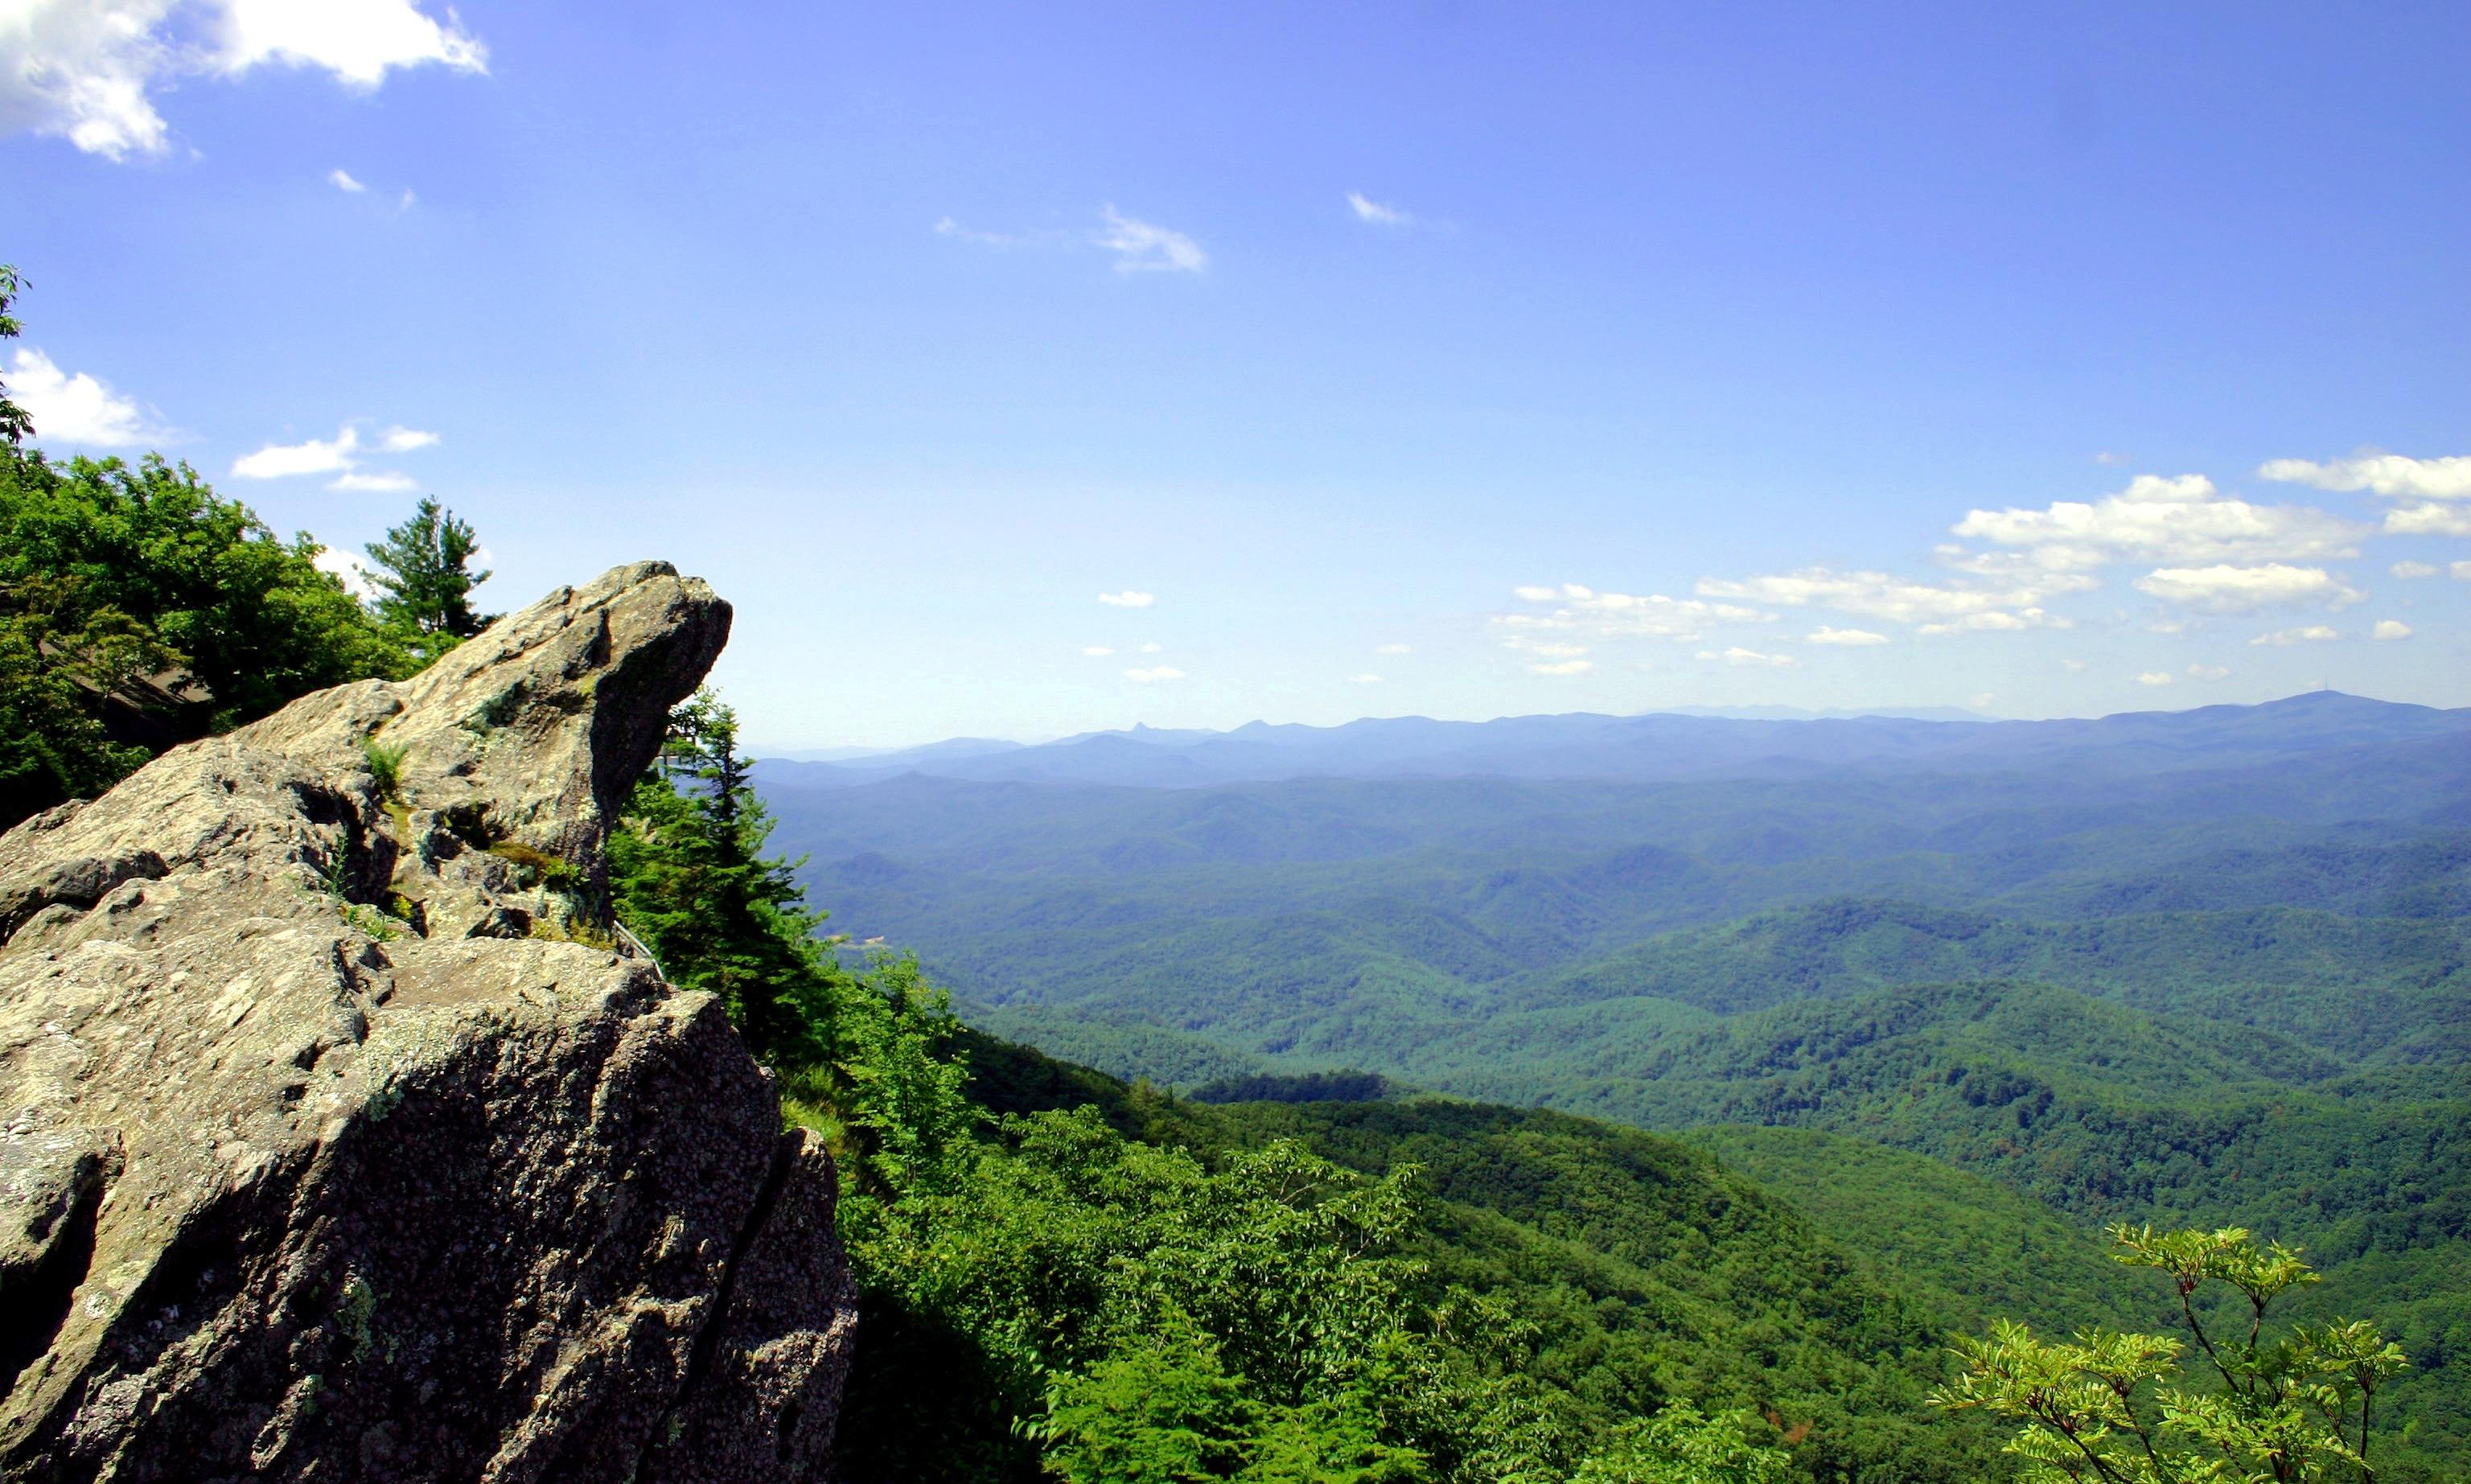 Blowing Rock, North Carolina, USA